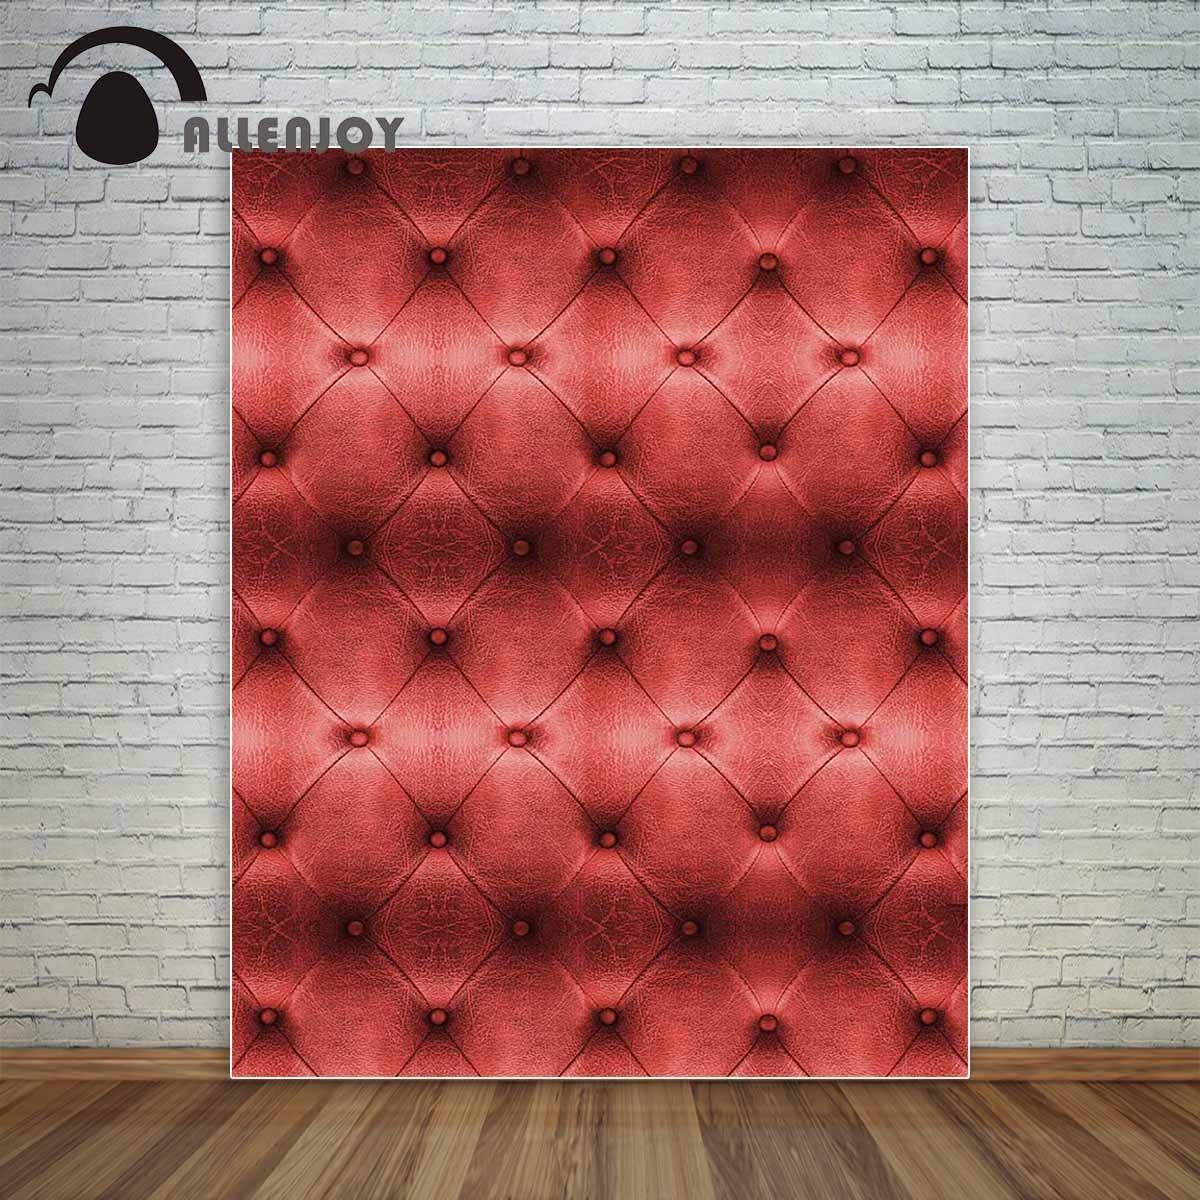 En gros vinyle vinyle toile de fond De luxe en cuir rouge canapé texture bouton classique lit lit conseil fond photobooth nouvelle arrivée conception